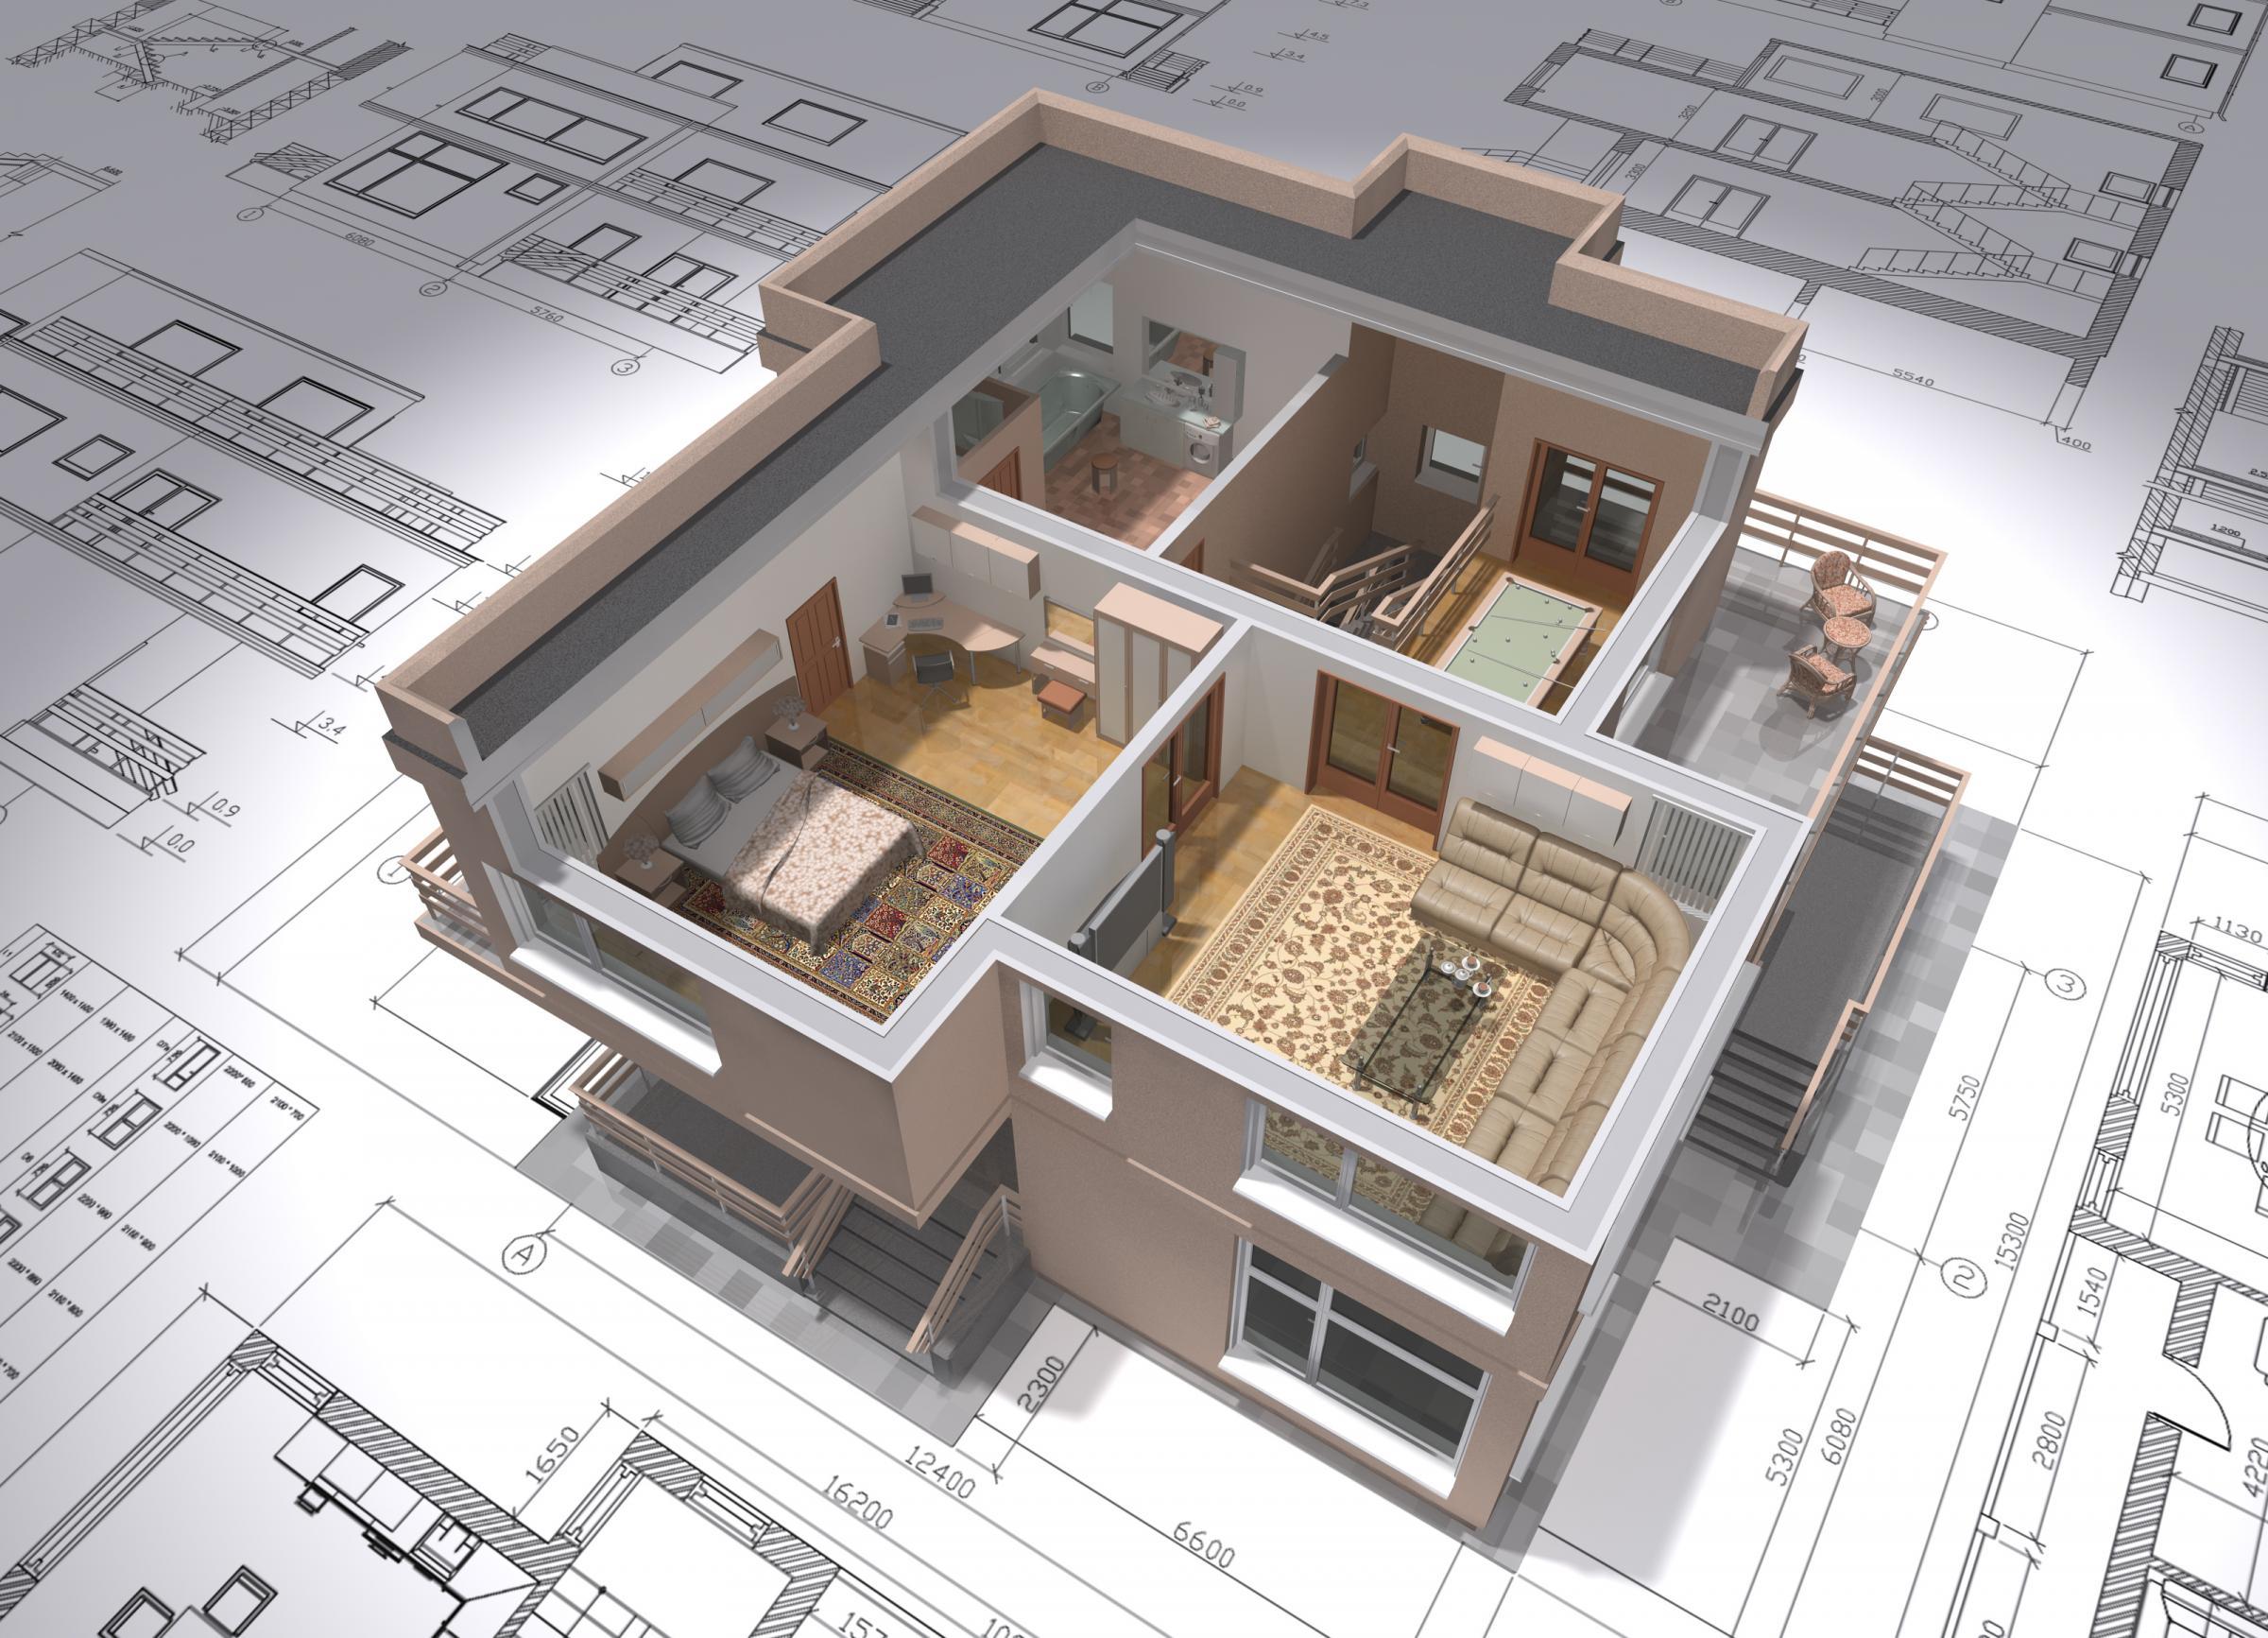 Taunton Indian takeaway plan among latest planning applications